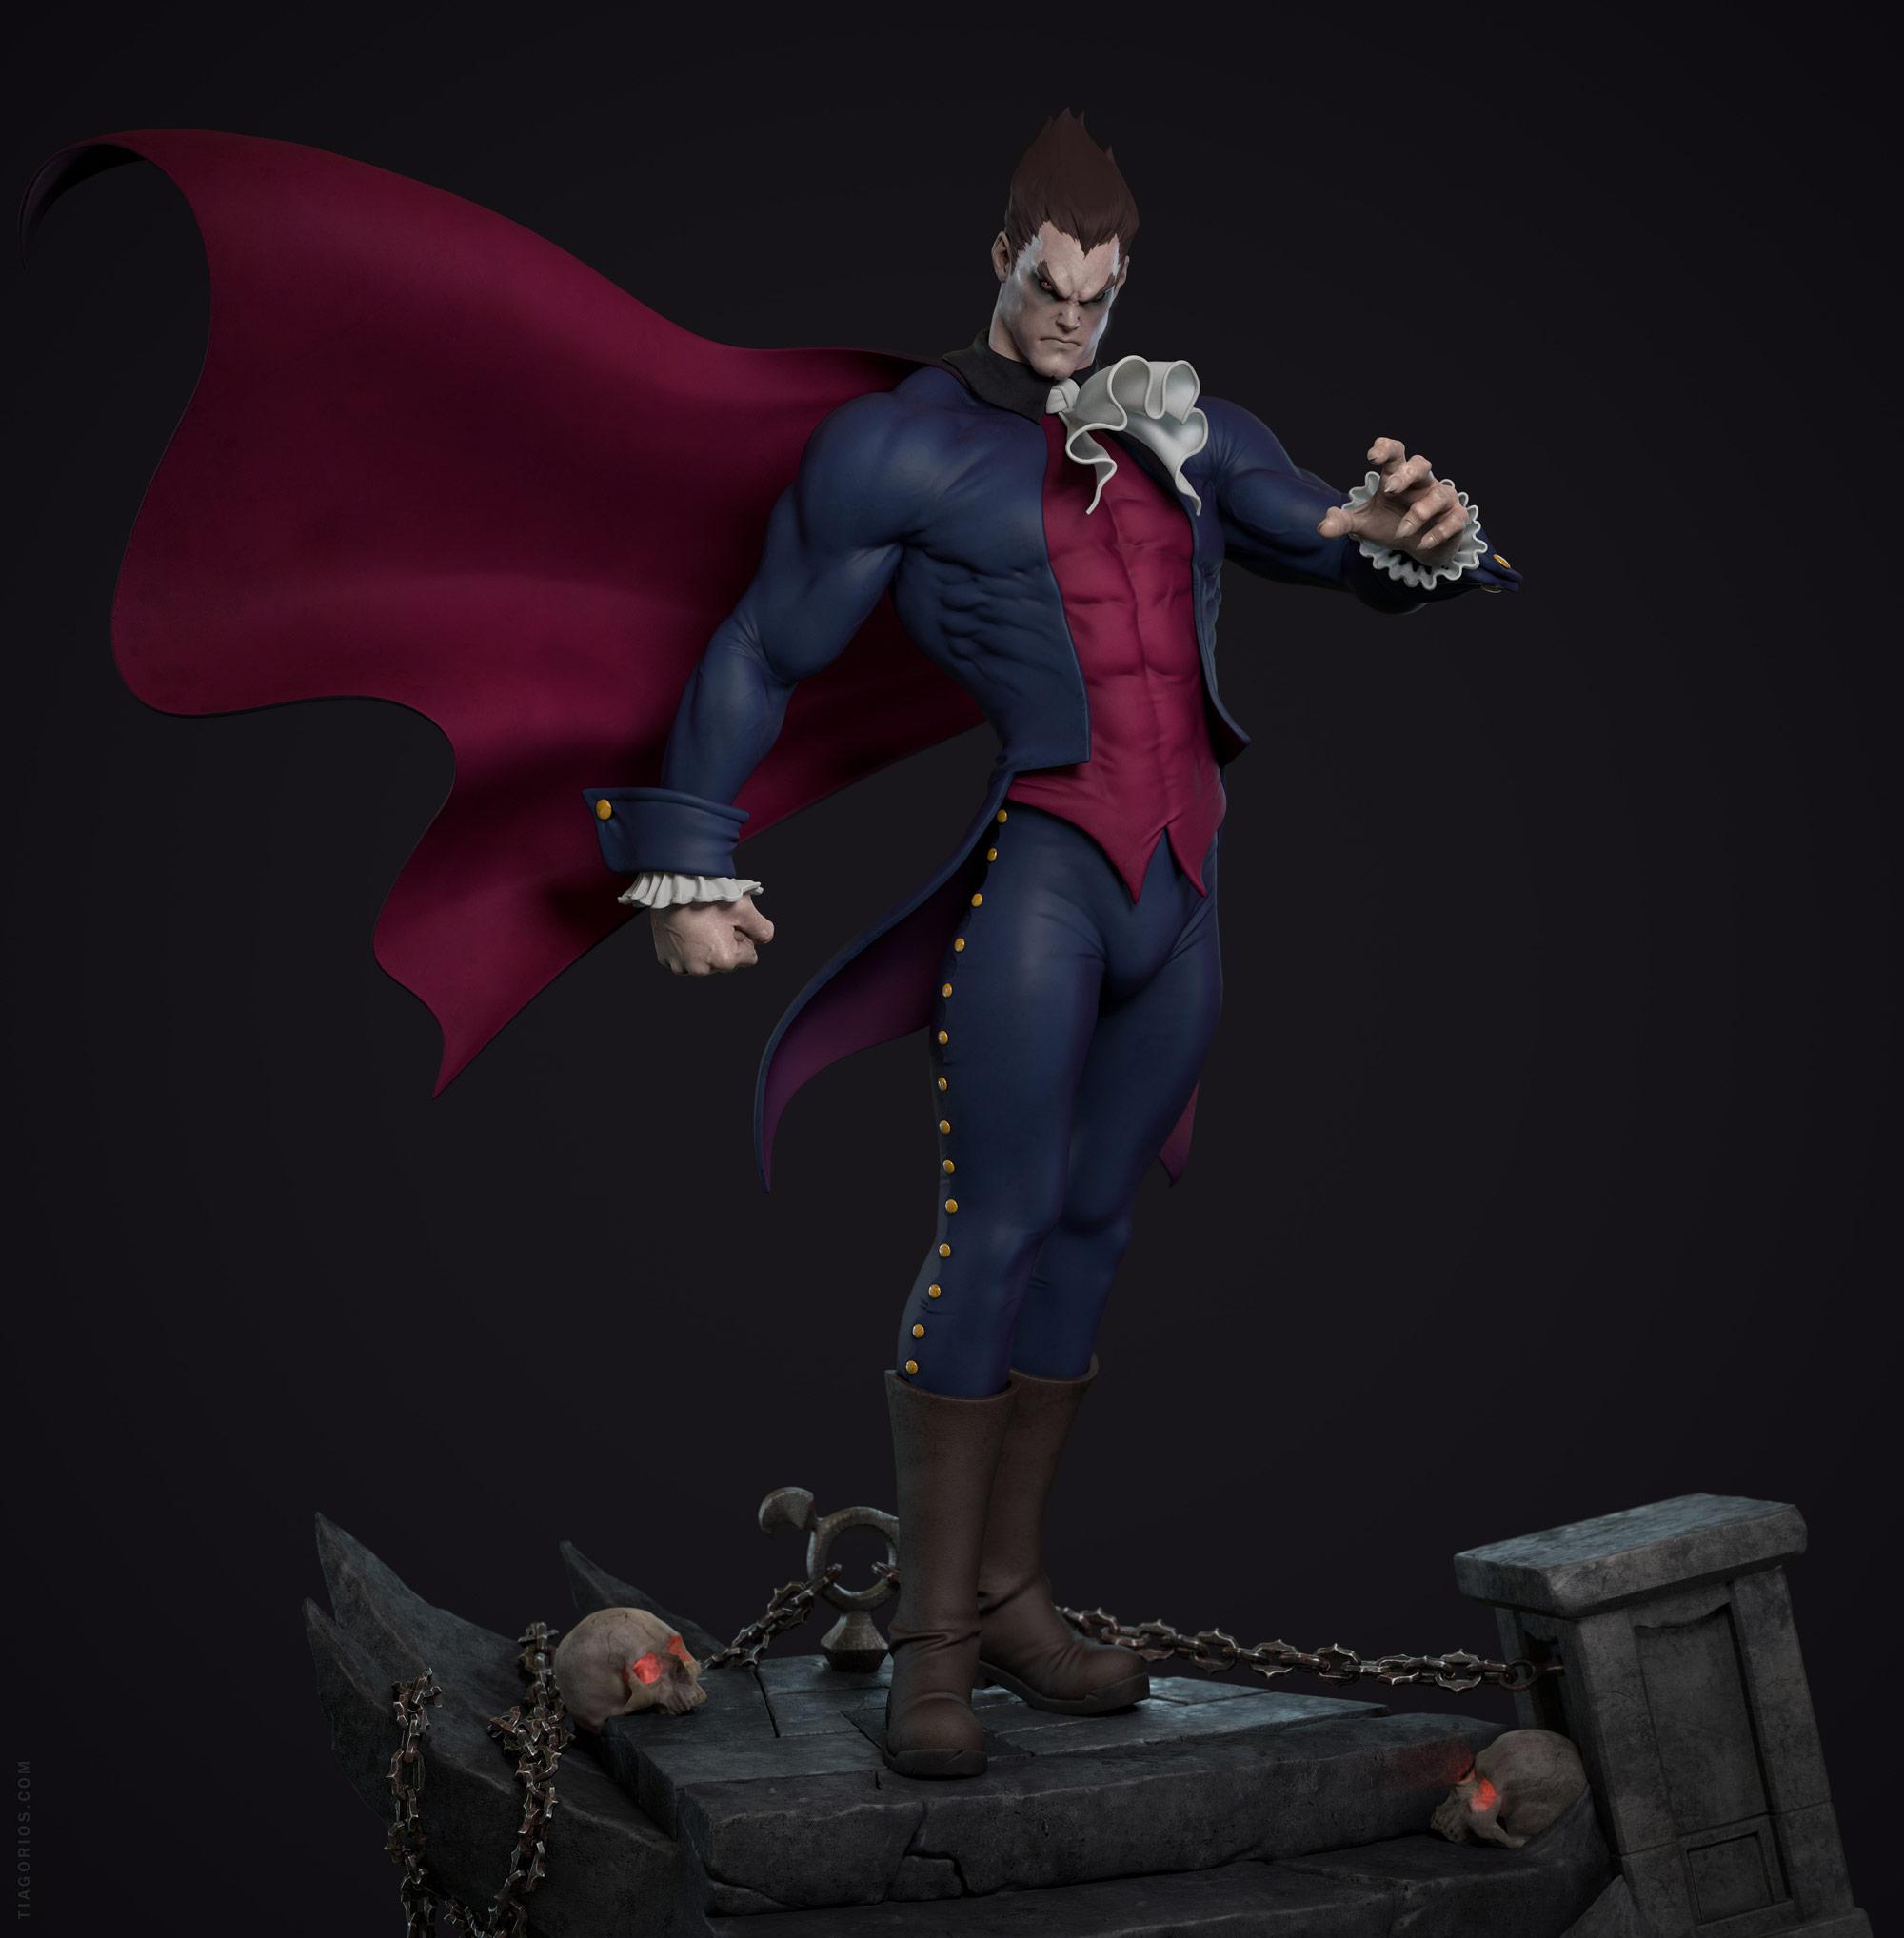 Darkstalkers 3d Fan Art Image 1